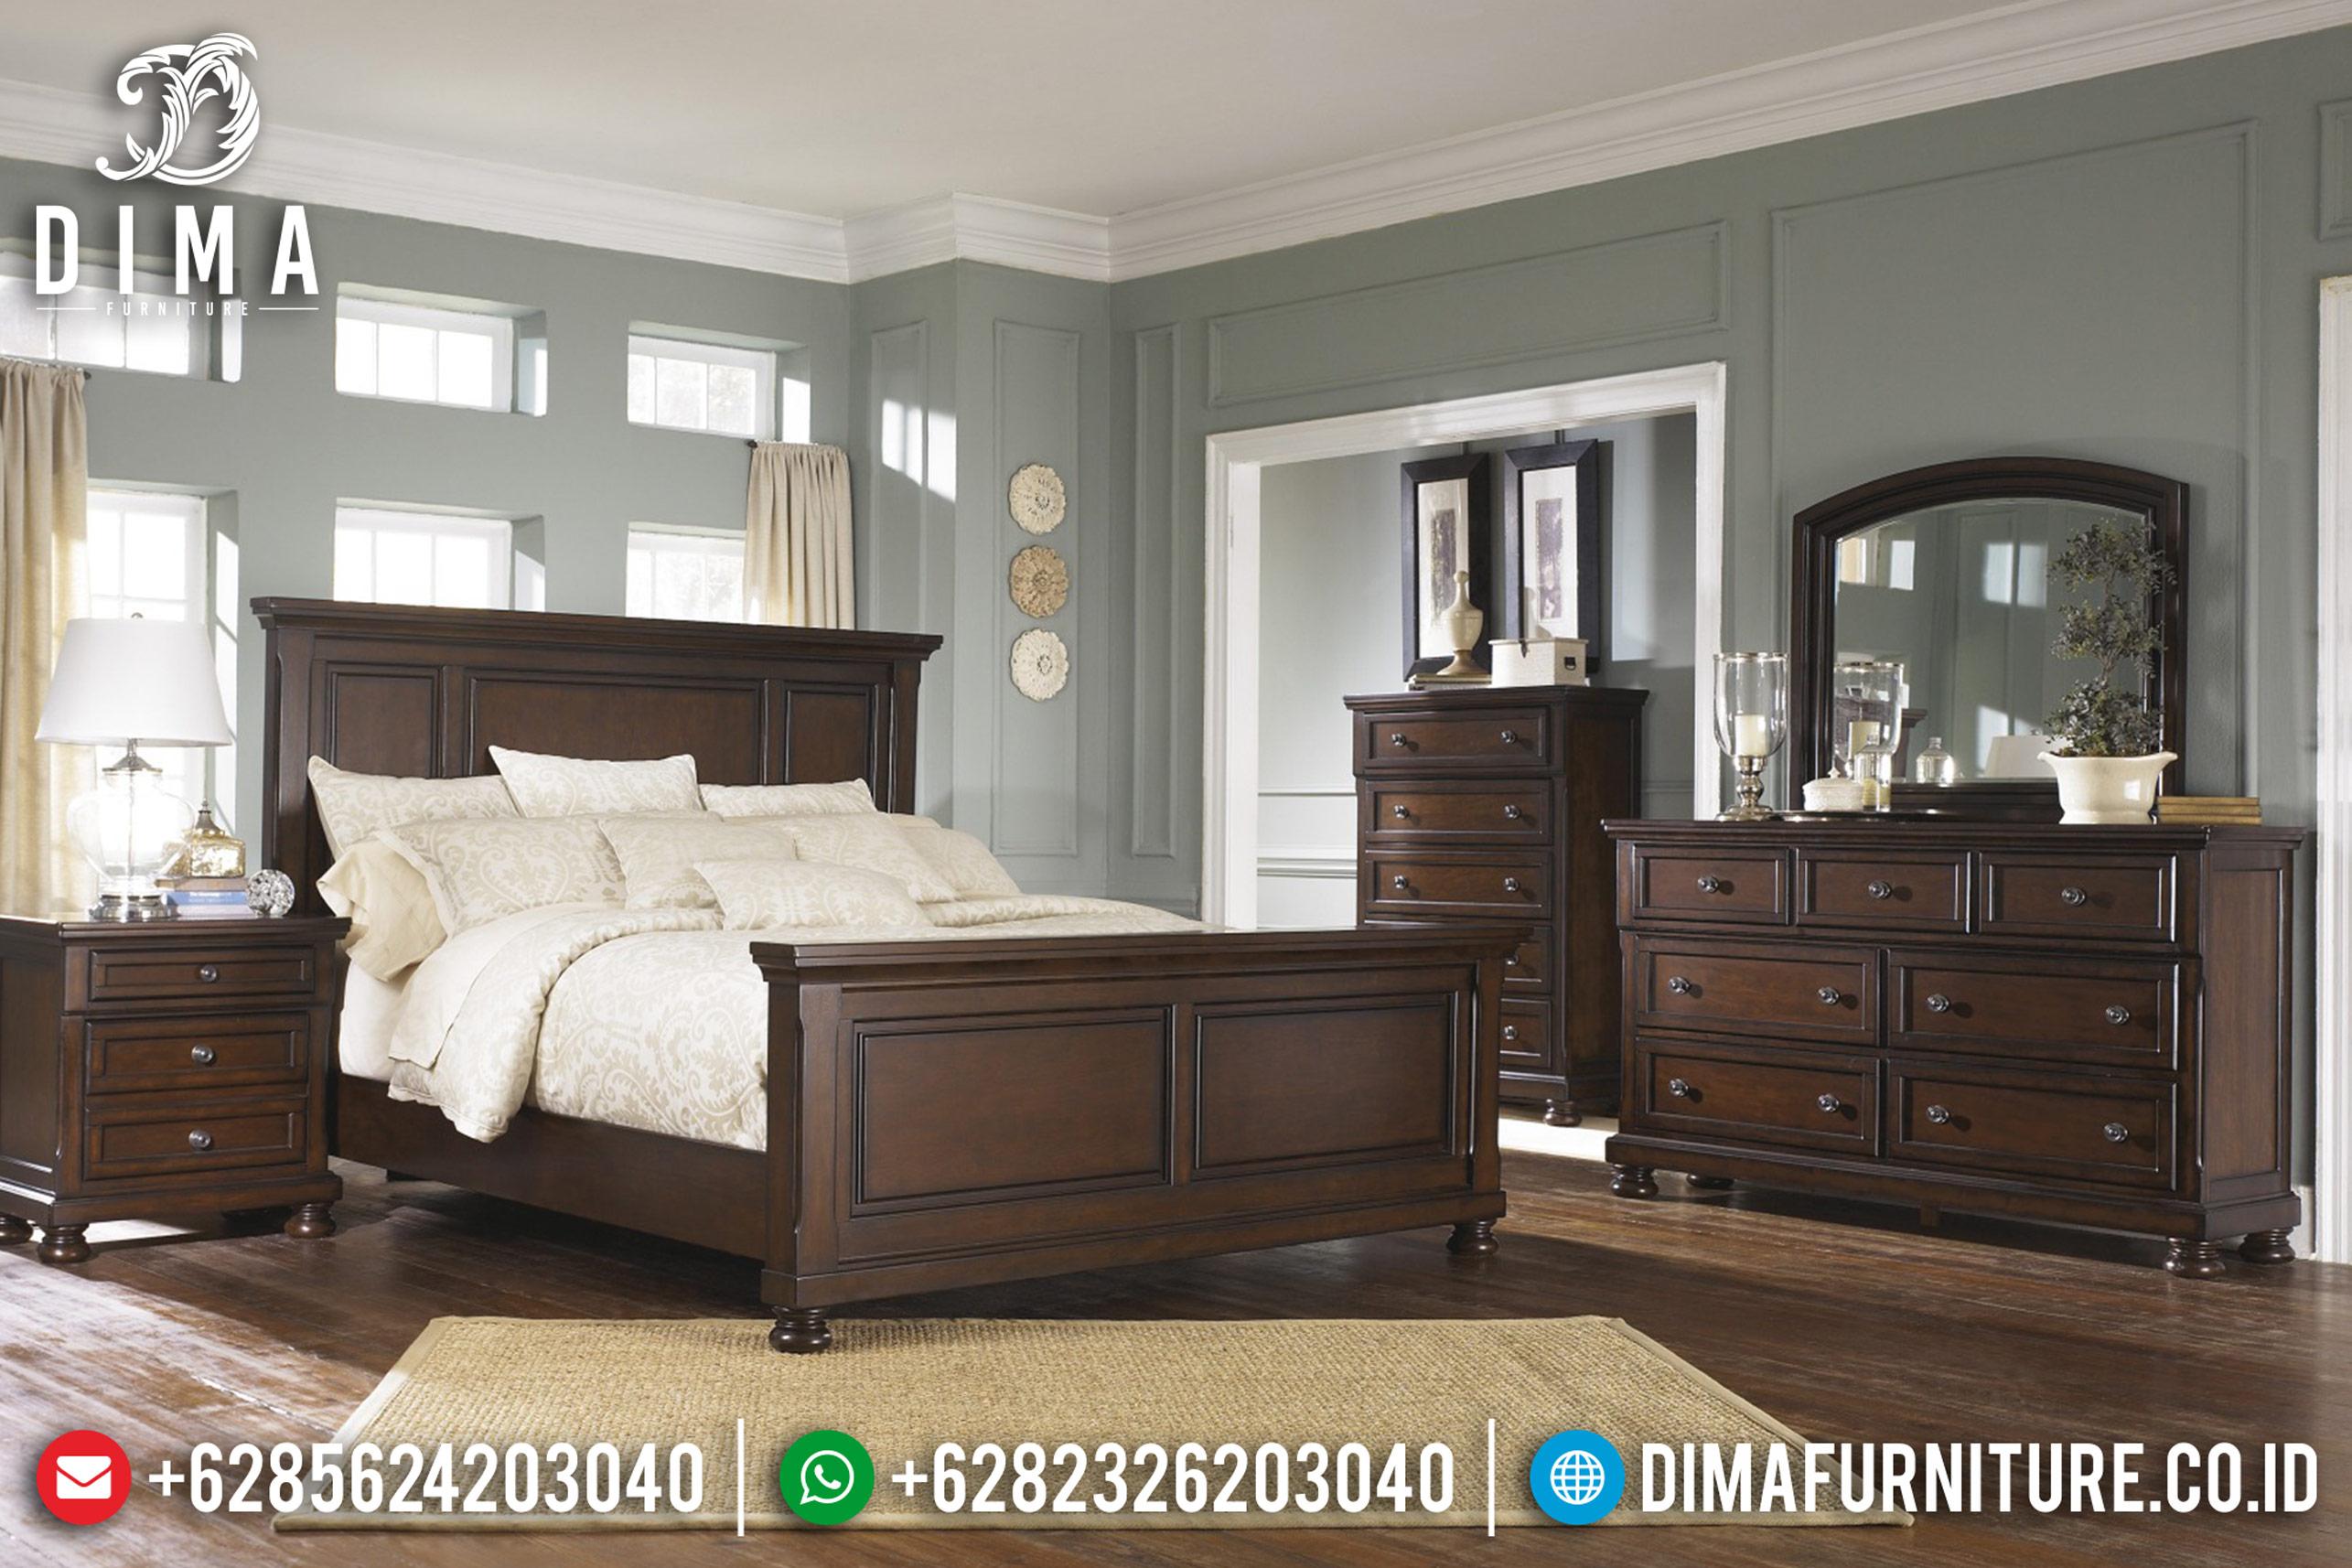 Kamar Set Tempat Tidur Jepara Minimalis Jati Natural MMJ-0072